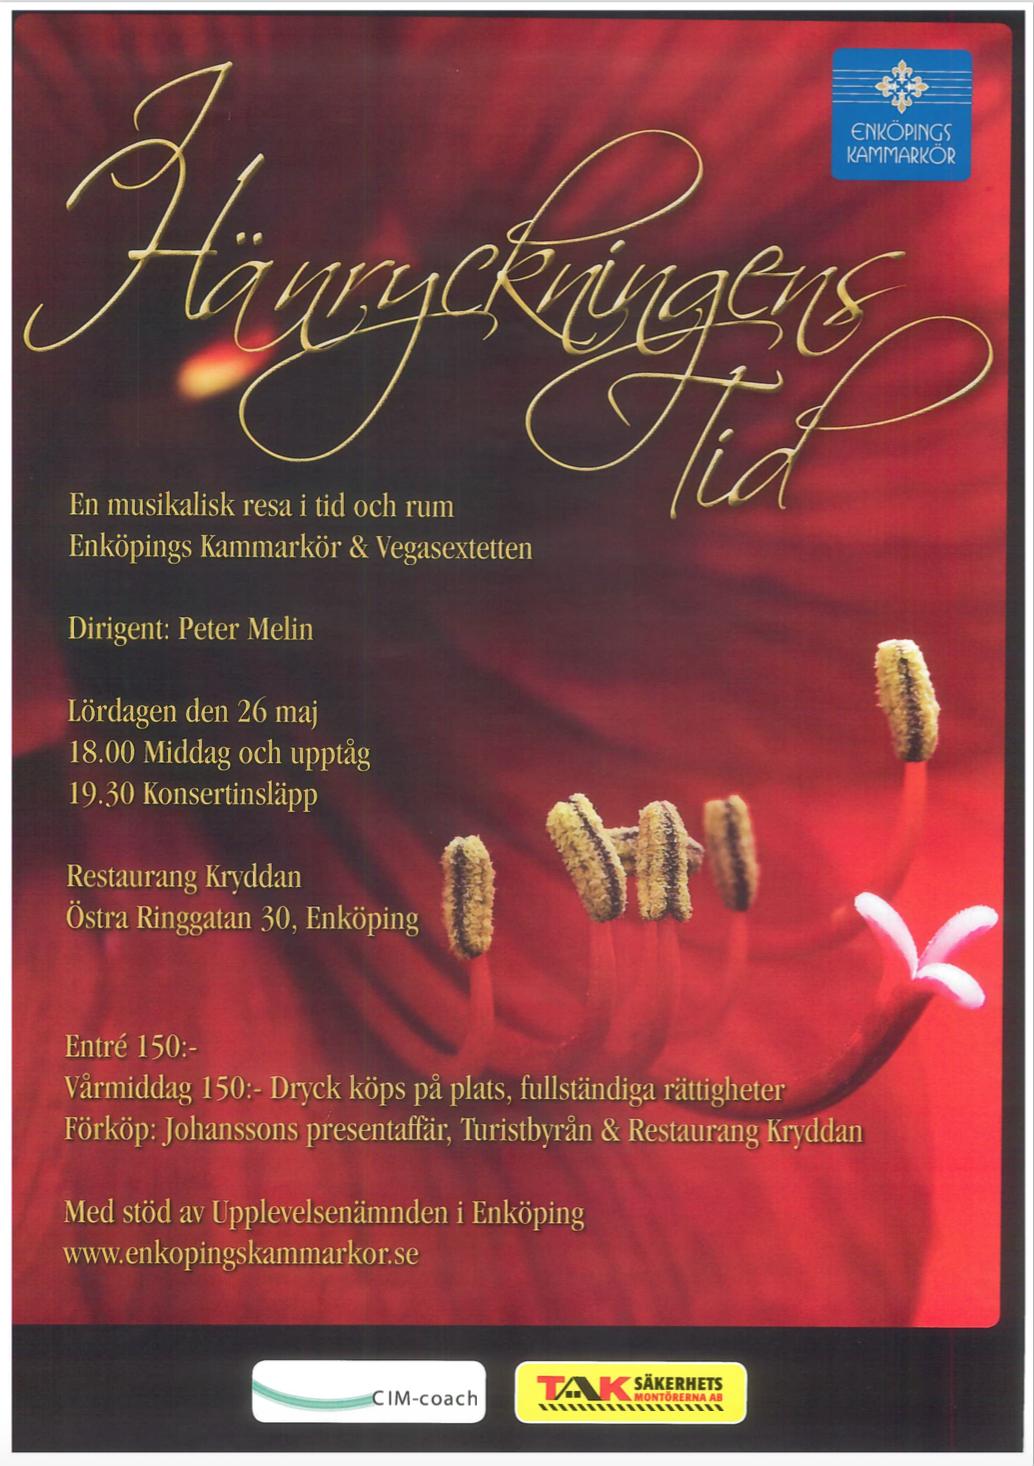 2012-affisch-i-hanryckniningens-tid-med-enkopings-kammarkor